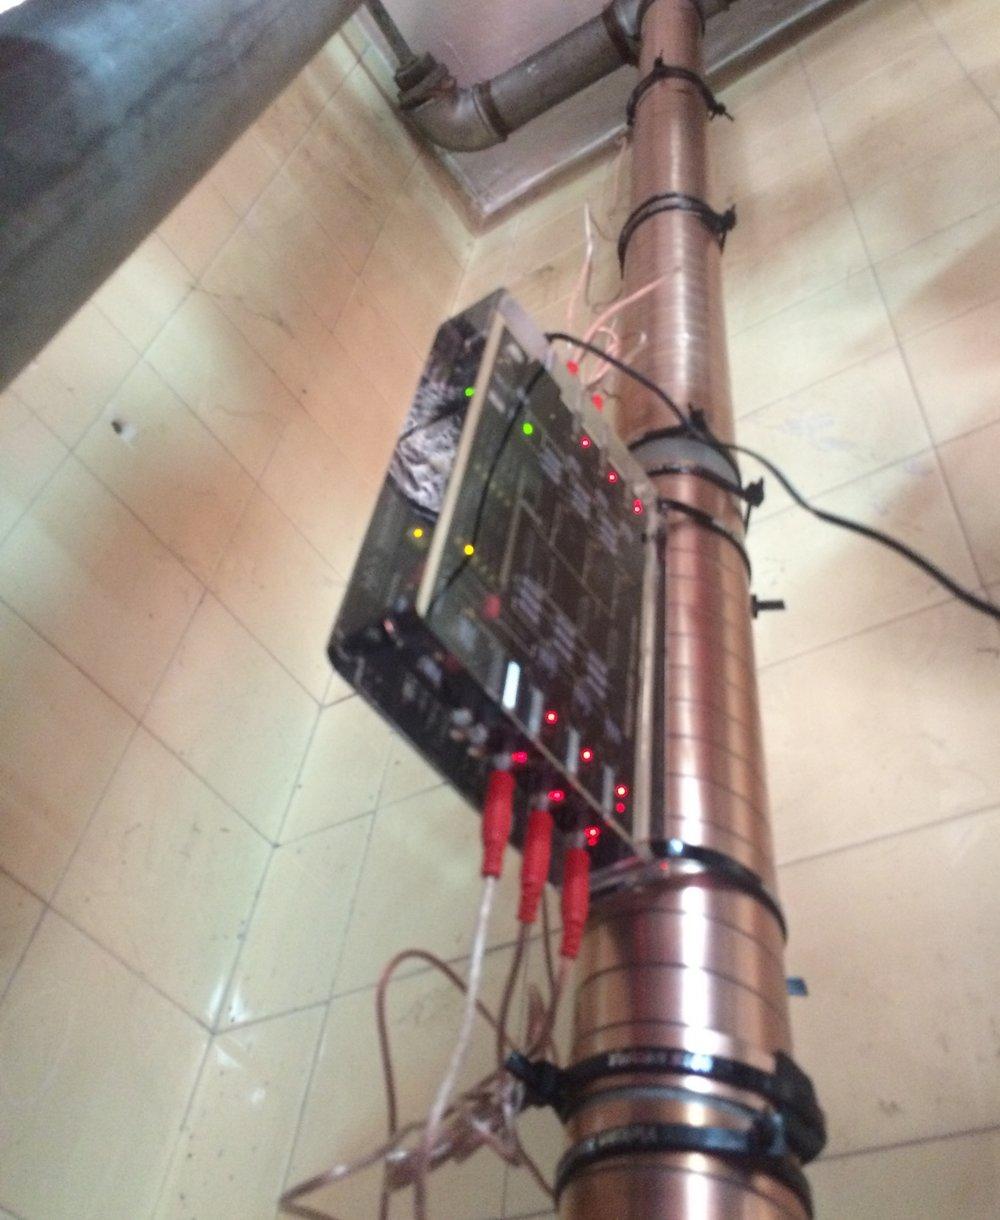 Vulcan S100 postavljen na glavnom dovodu vode